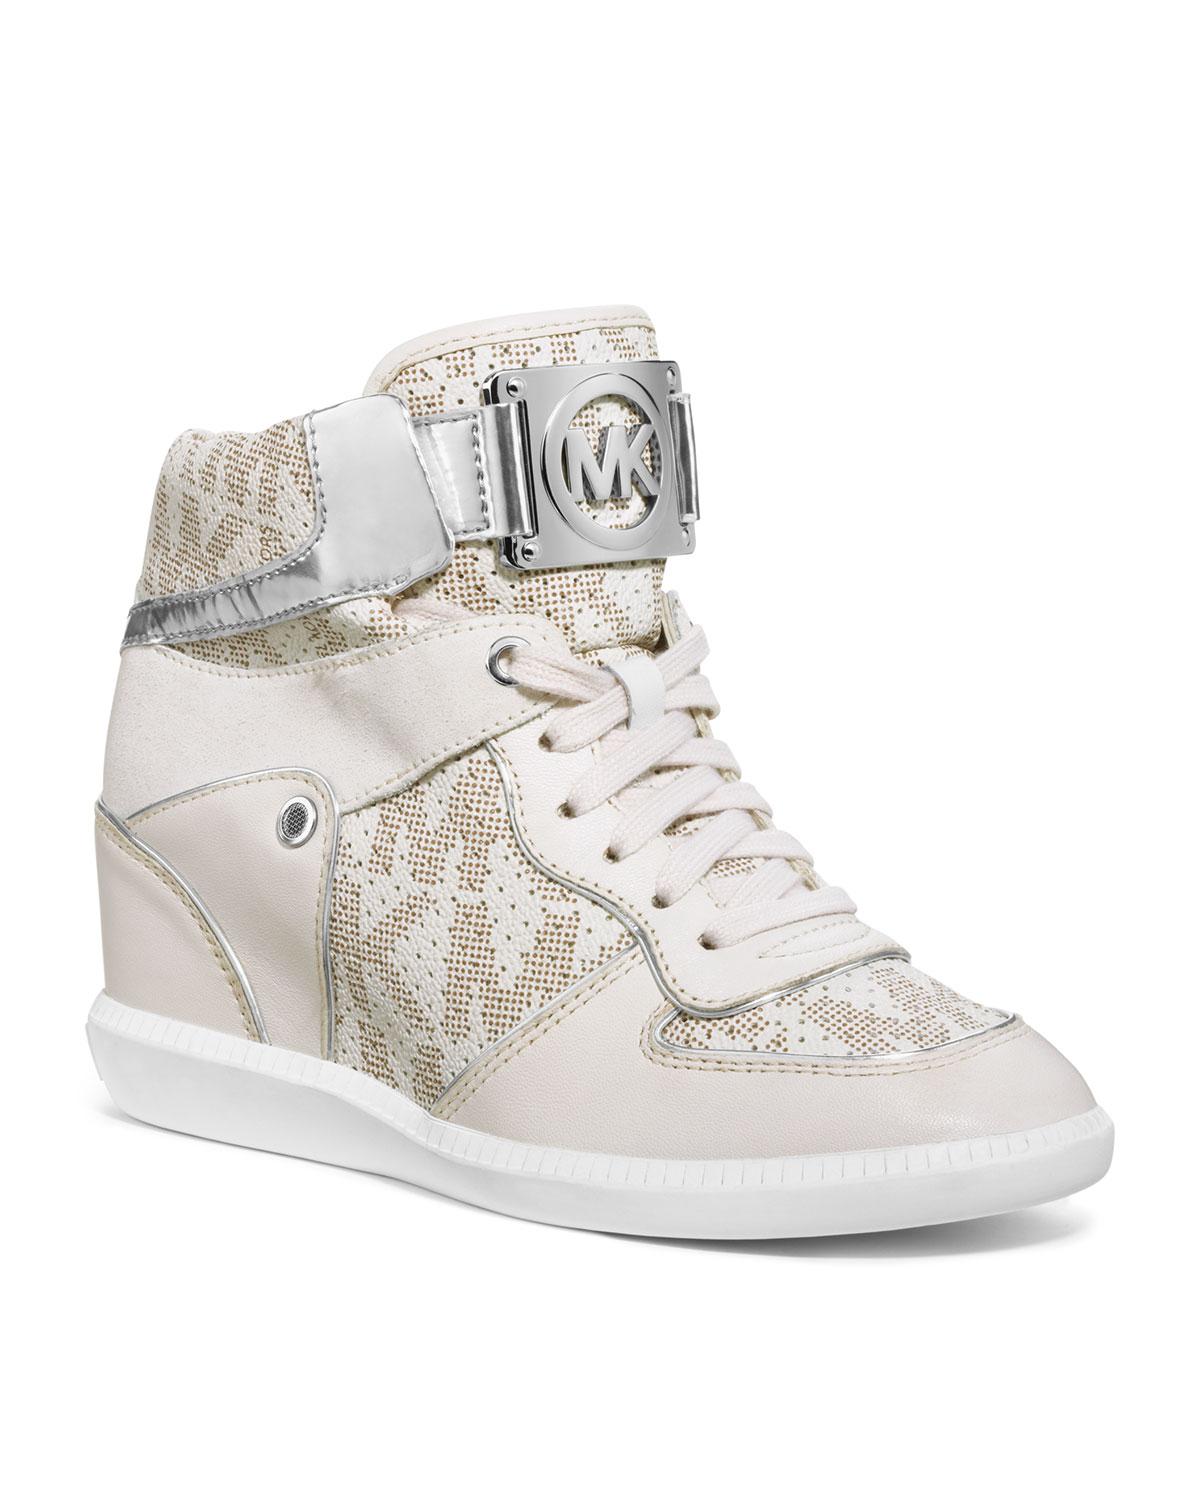 e74b1c7e96e76 Lyst - Michael Kors Nikko High Top Sneaker in White